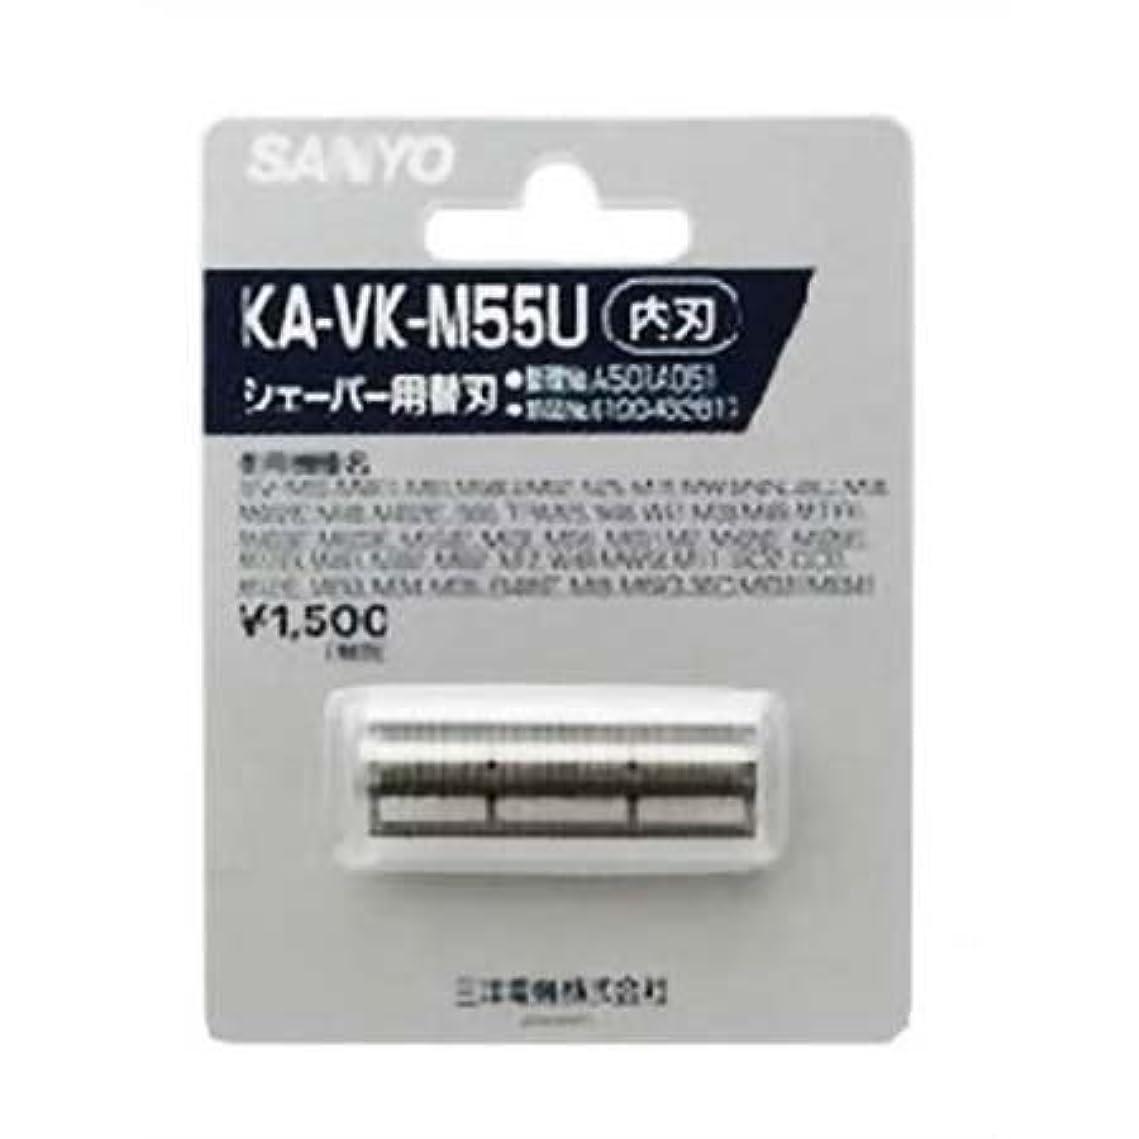 作曲家ギャップメールを書くSANYO シェーバー用替刃 内刃 KA-VK-M55U